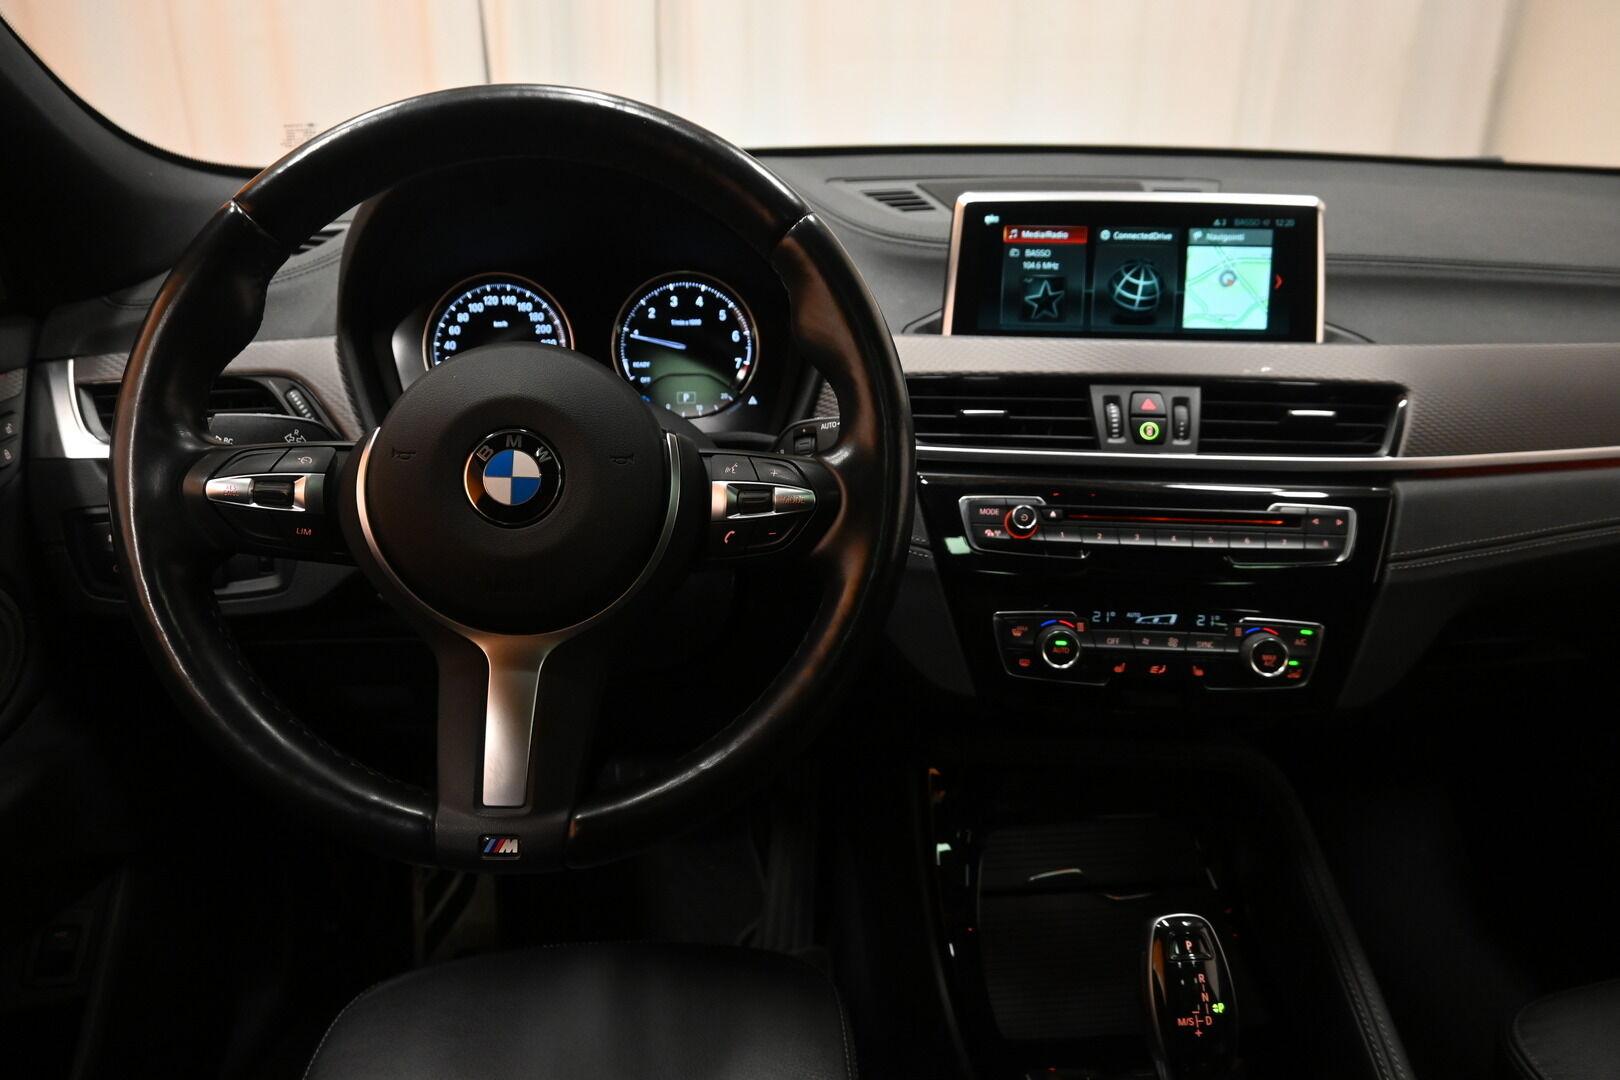 Keltainen Maastoauto, BMW X2 – KON-64359, kuva 10